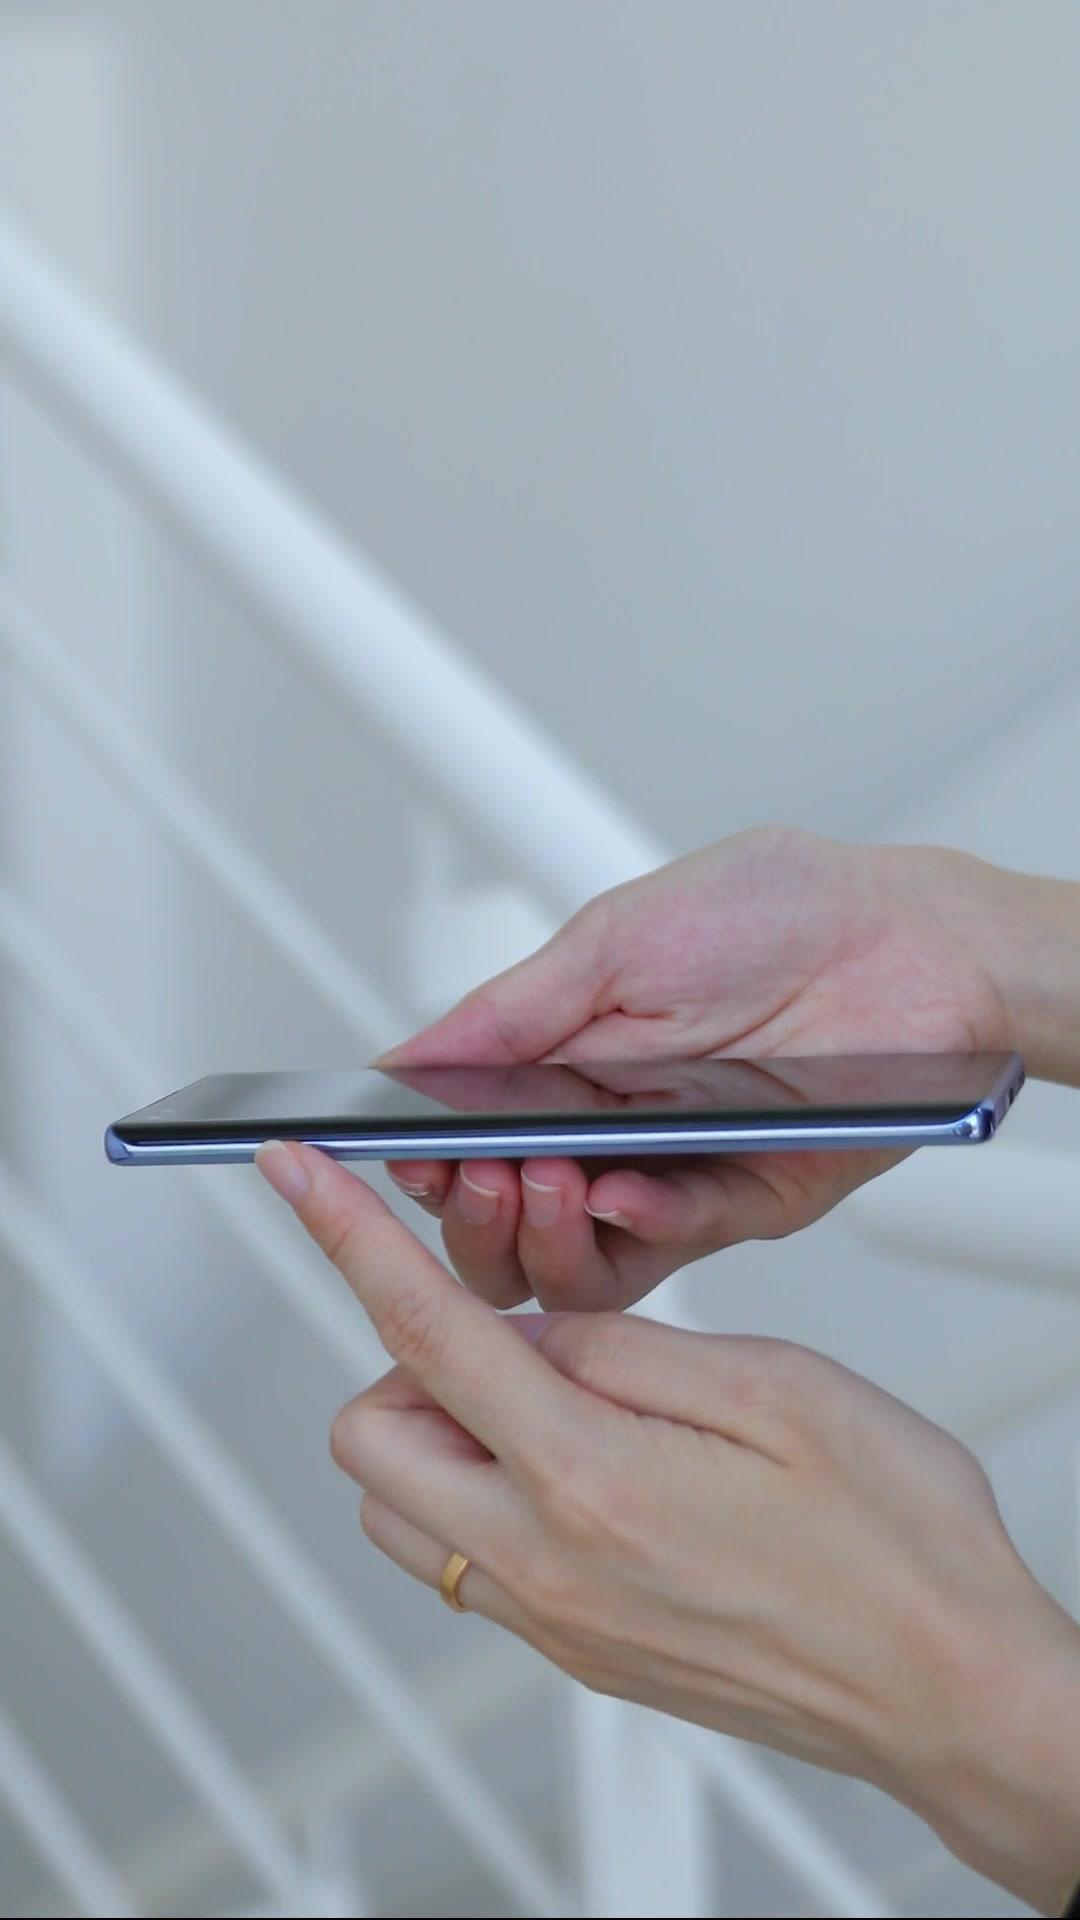 华为 | 最新拍摄专属手机nova 9发布,颜值逆天,华为nova系列-花粉俱乐部